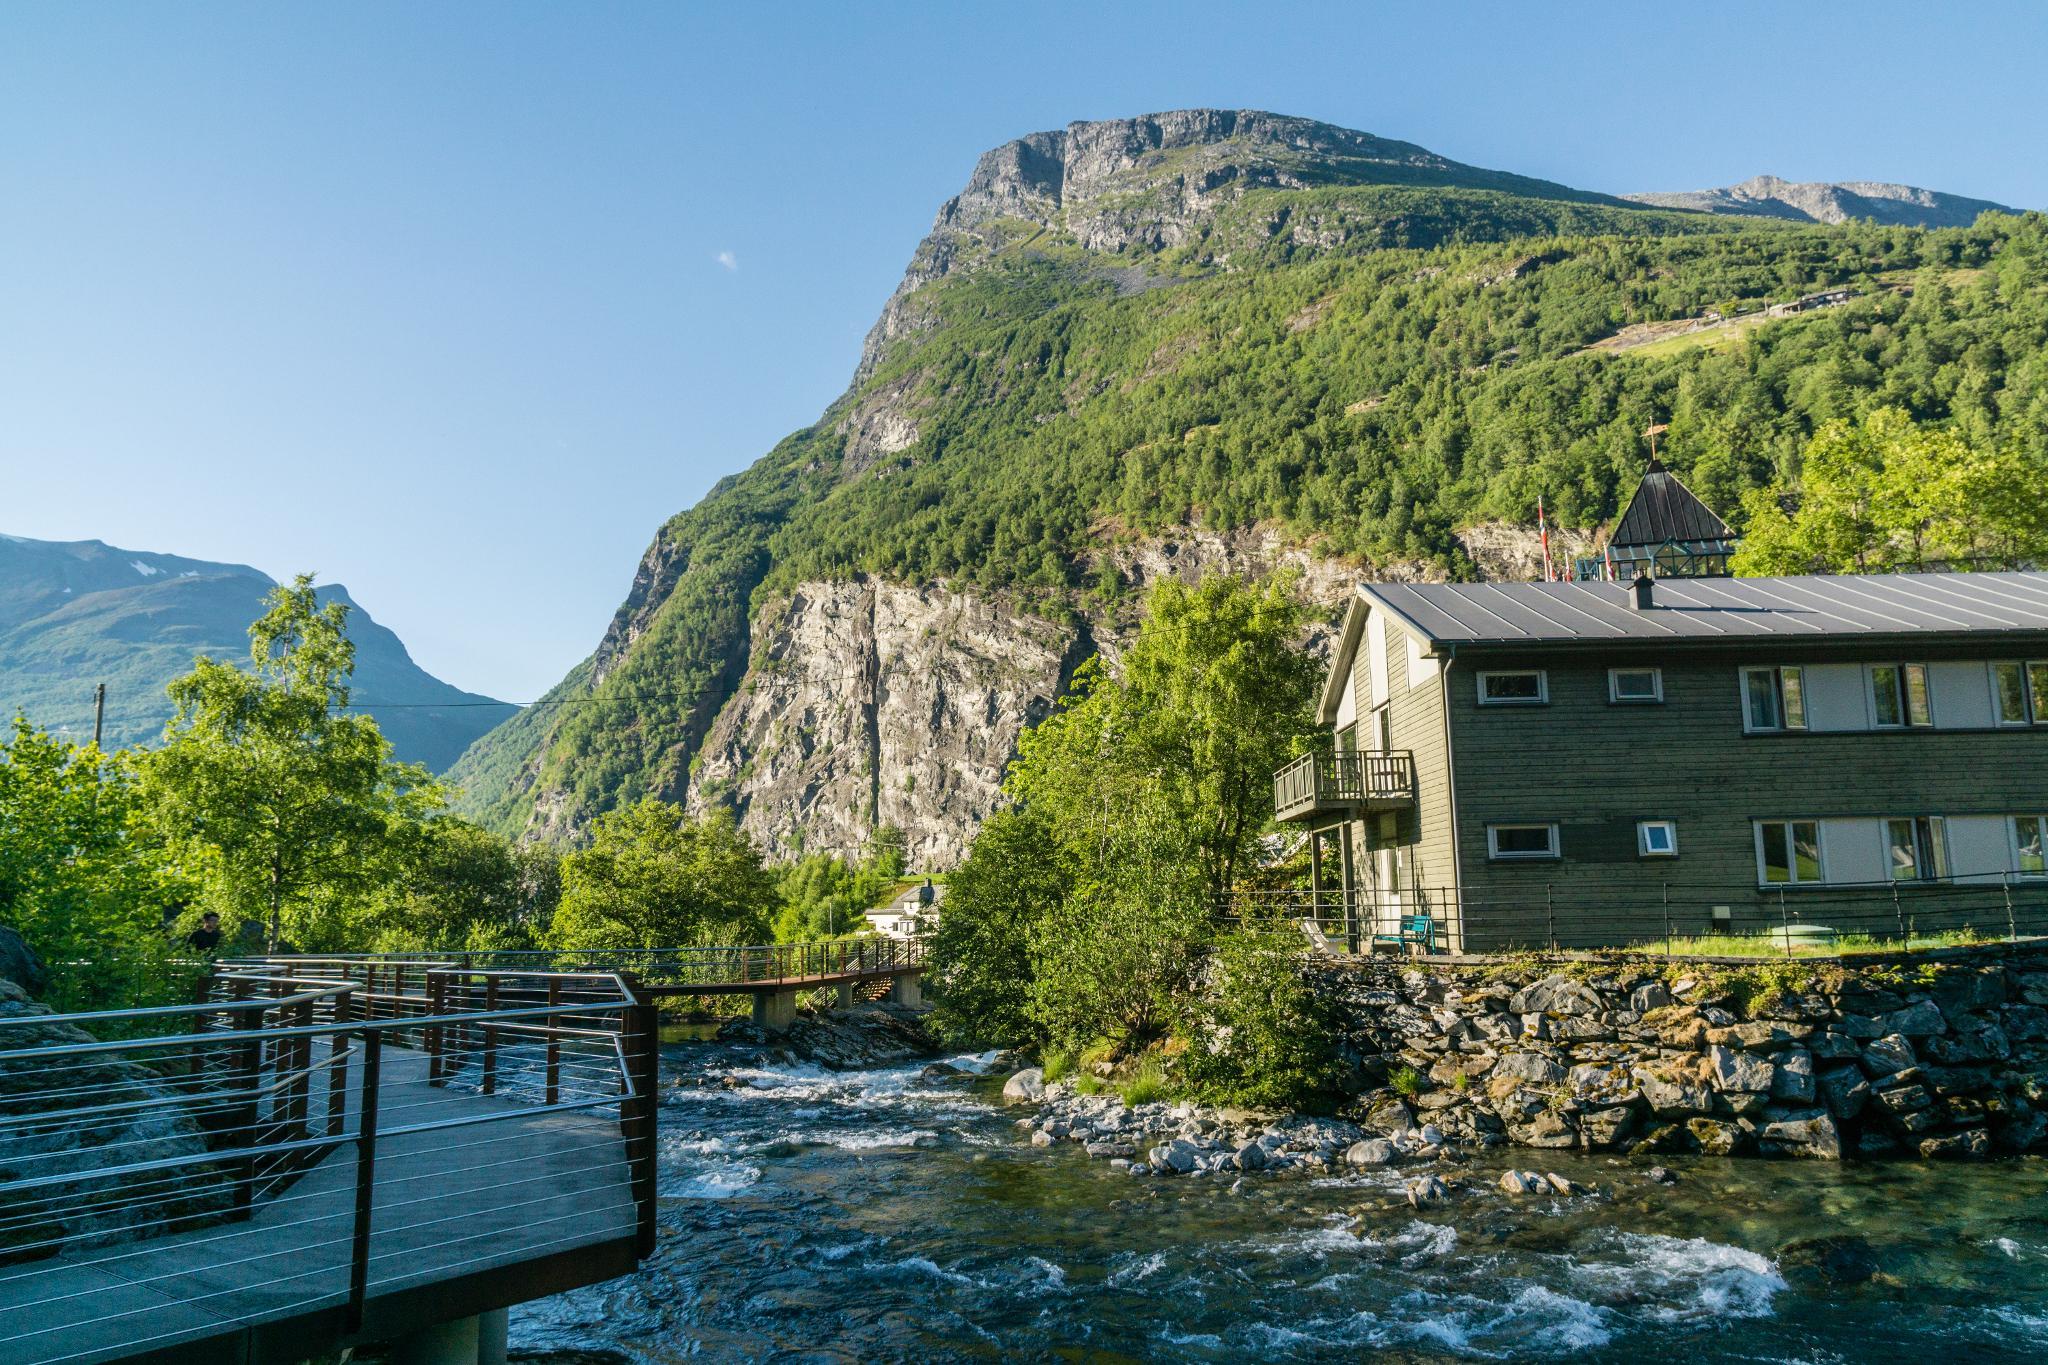 【北歐景點】Ørnesvingen 老鷹之路 ∣ 挪威世界遺產 — 蓋倫格峽灣景點總整理 33